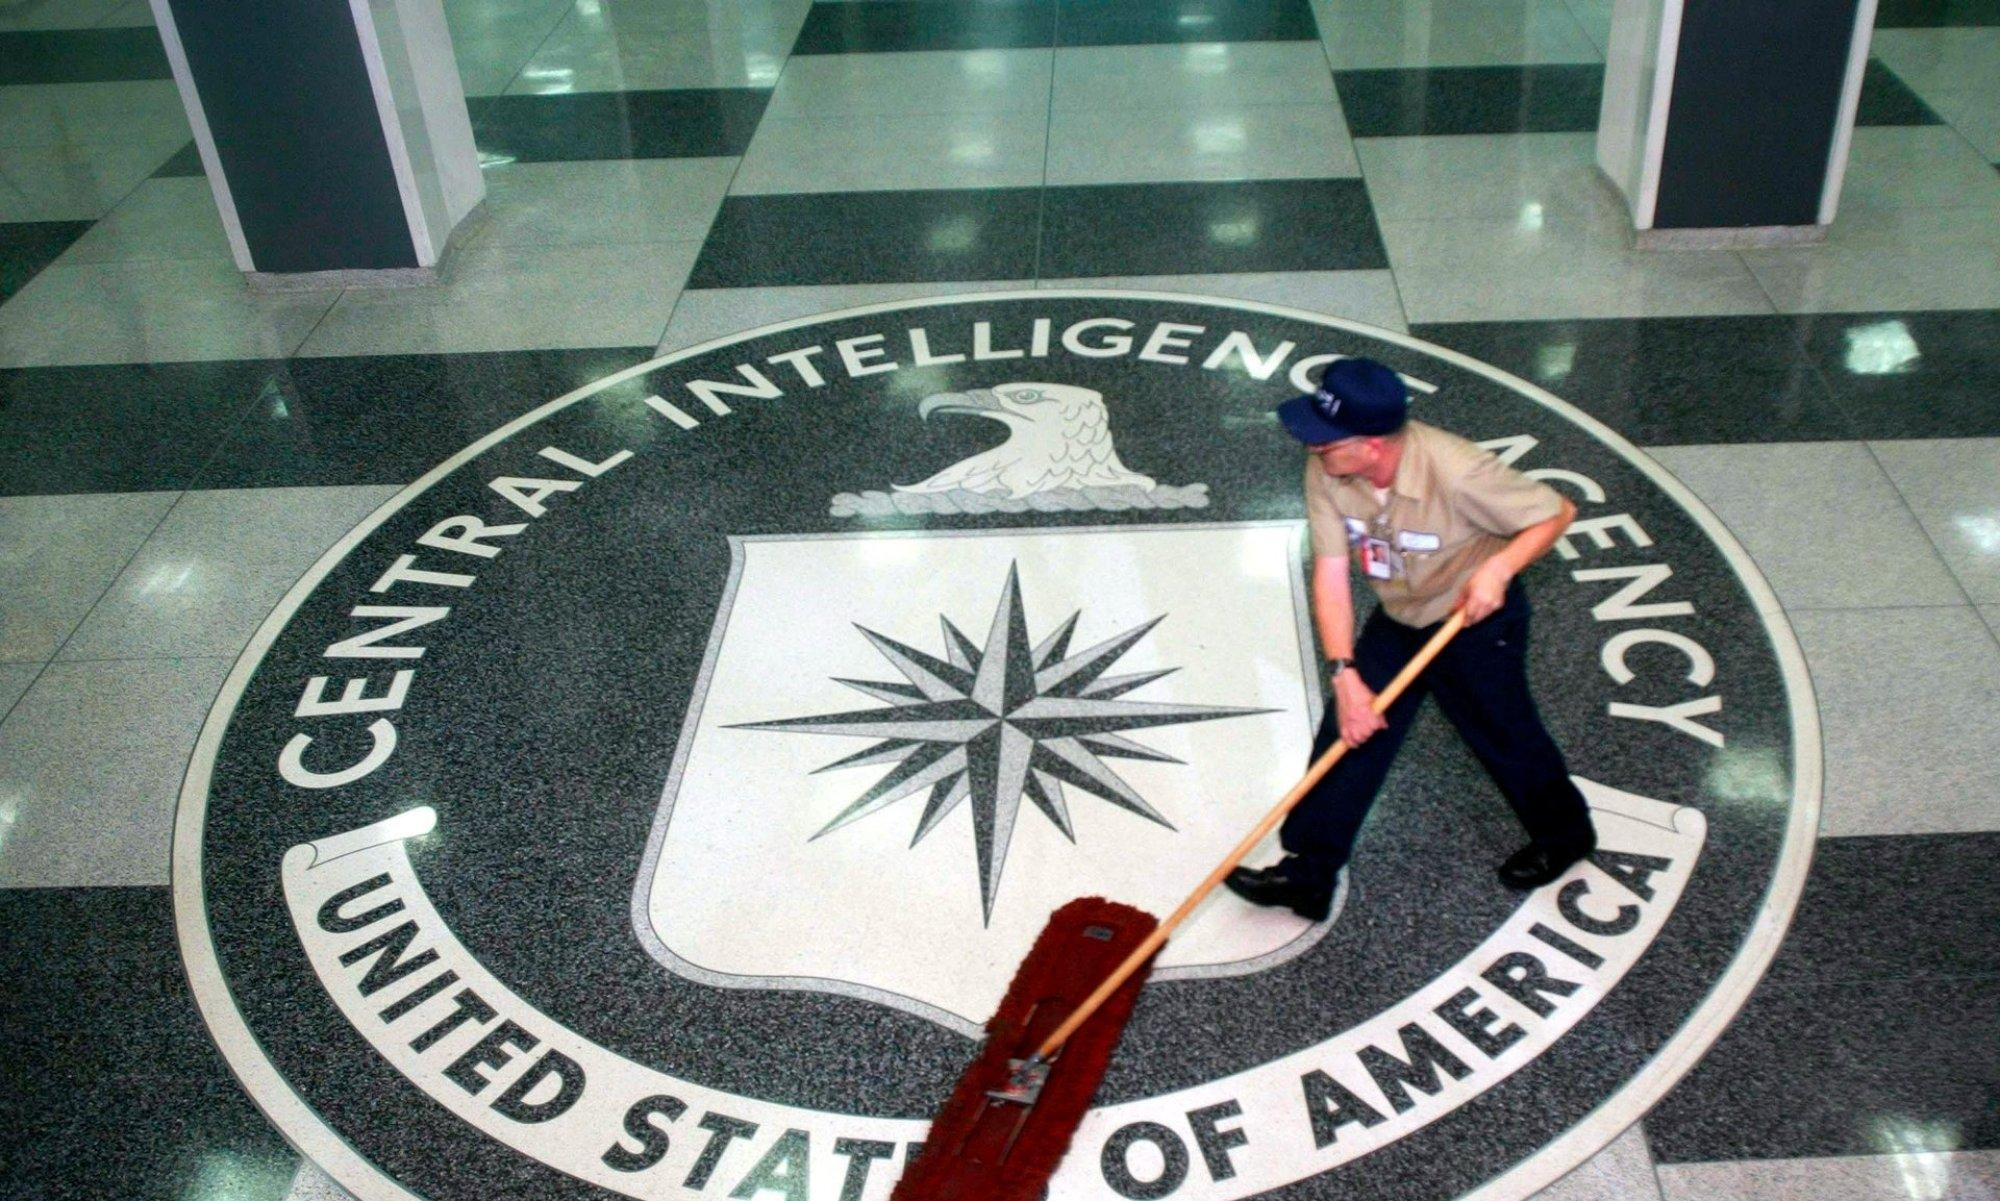 La CIA a révélé qu'elle a été piratée par des hackers